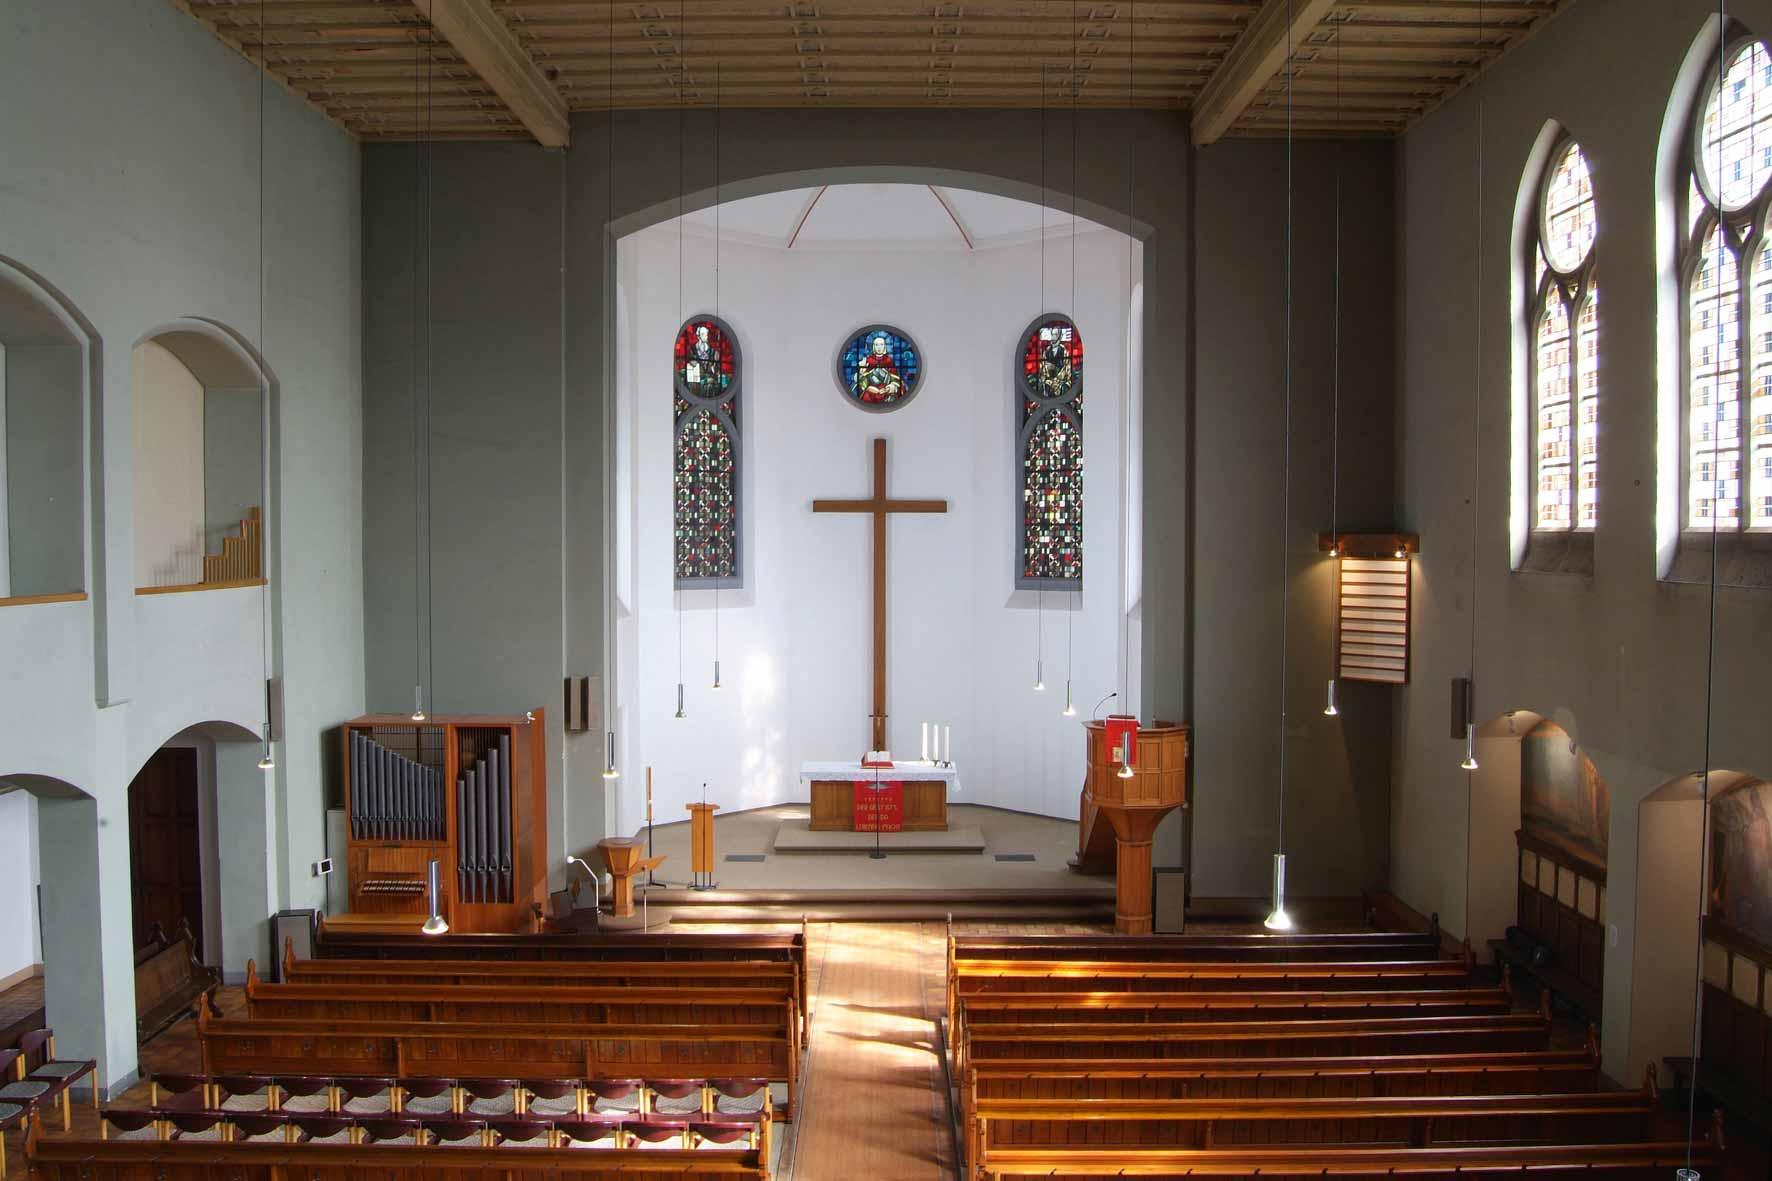 Historische Kirche mit wechselvoller Geschichte